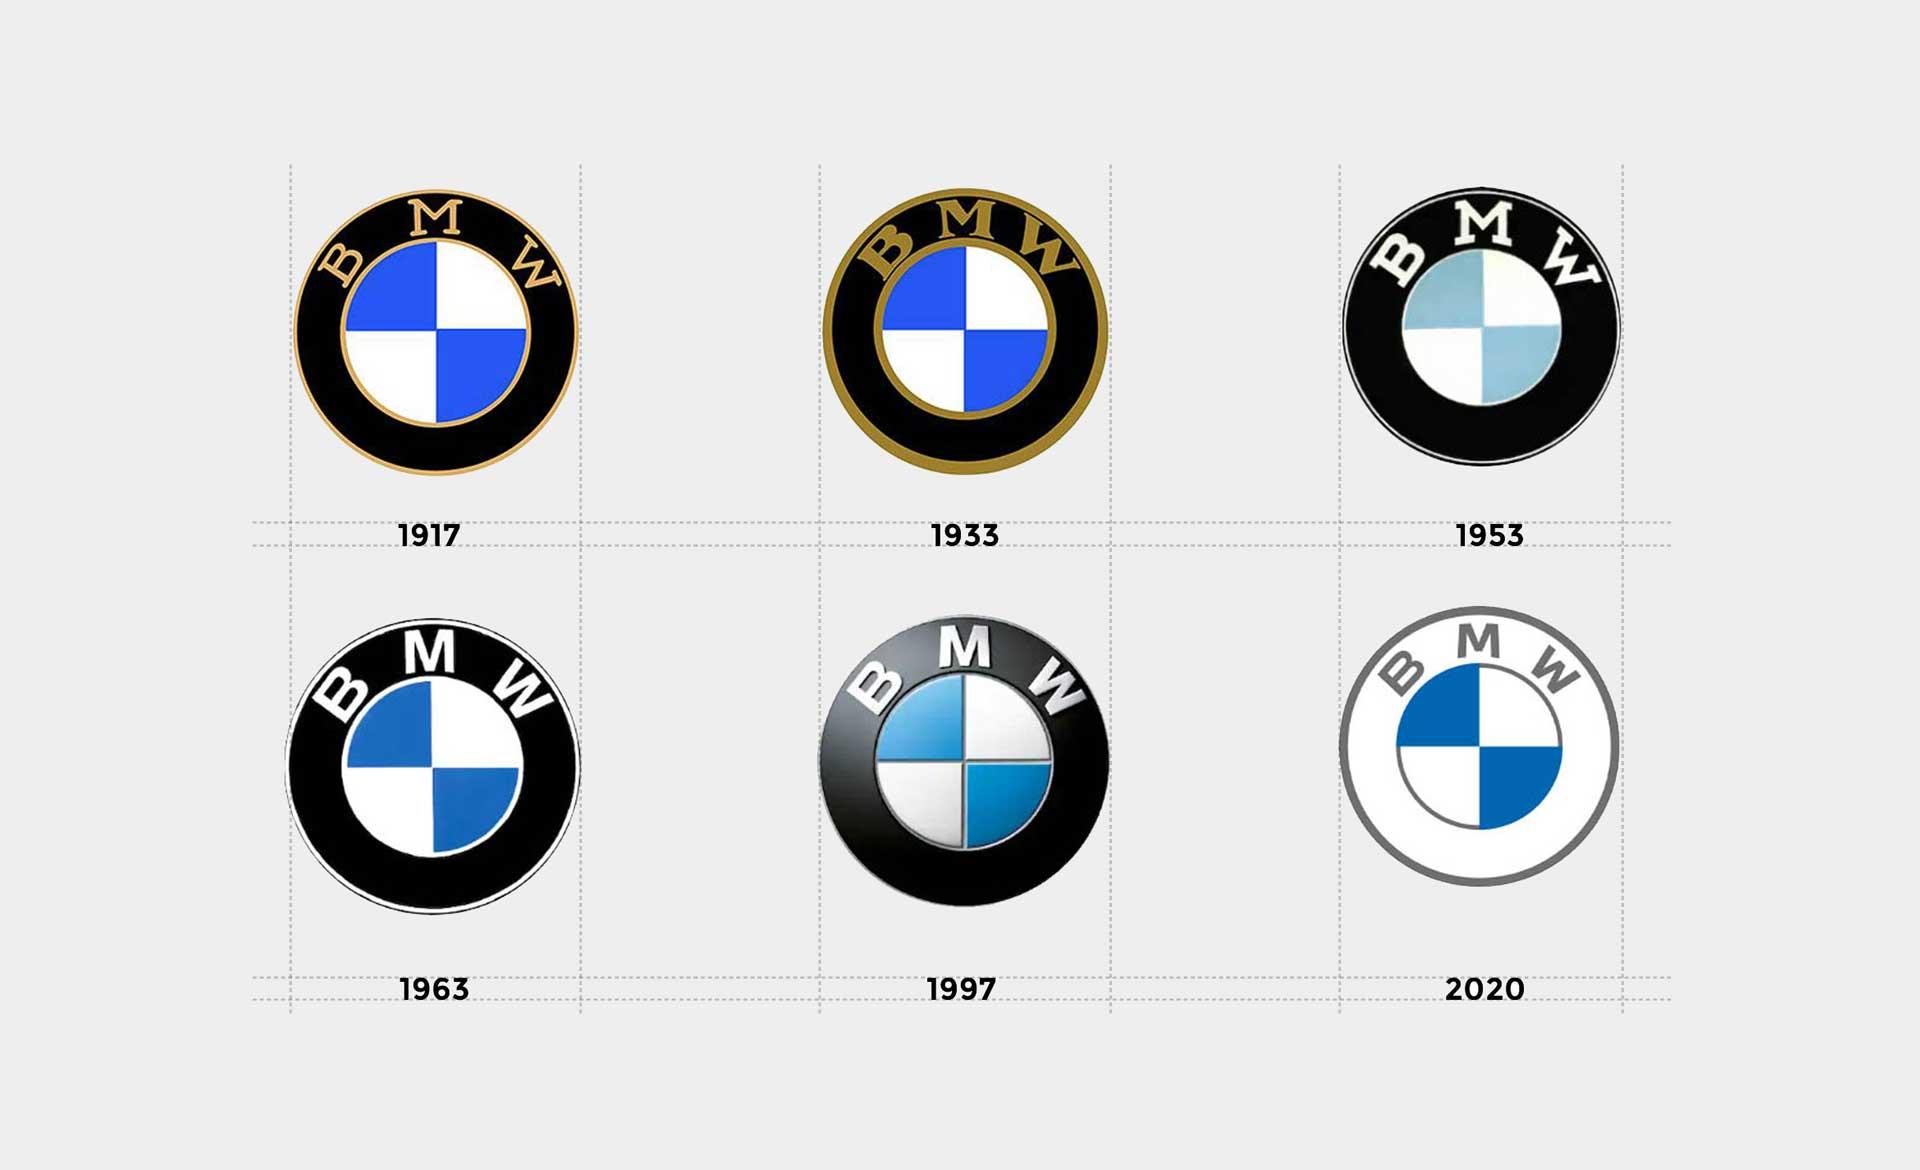 Projektowanie logo firmy - żelazne zasady dobrego logo. historia loga bmw